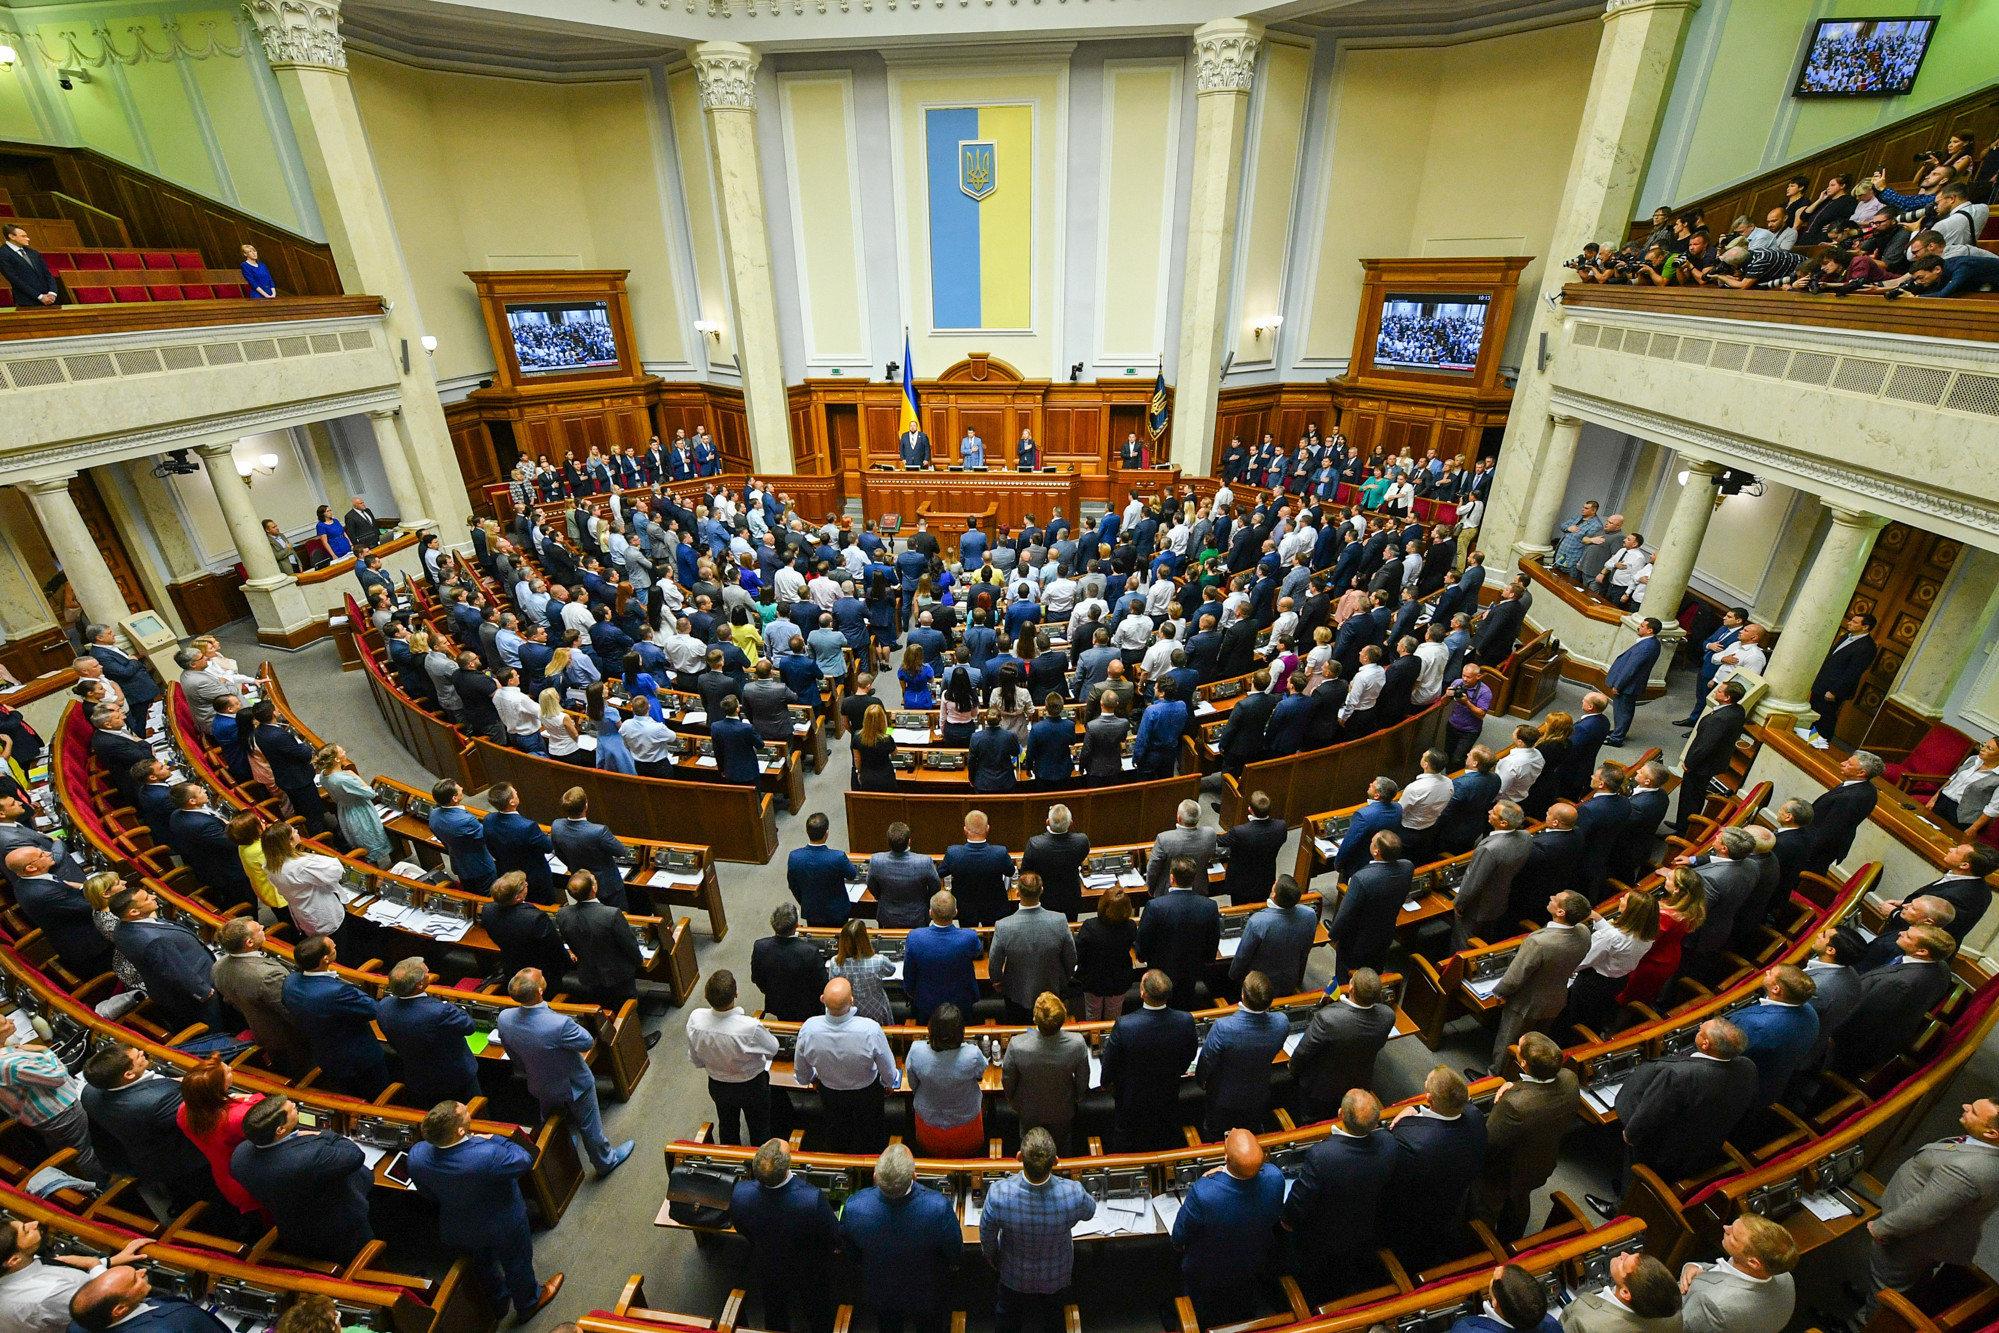 Банковая опасается Разумкова и закрывает ВР на карантин